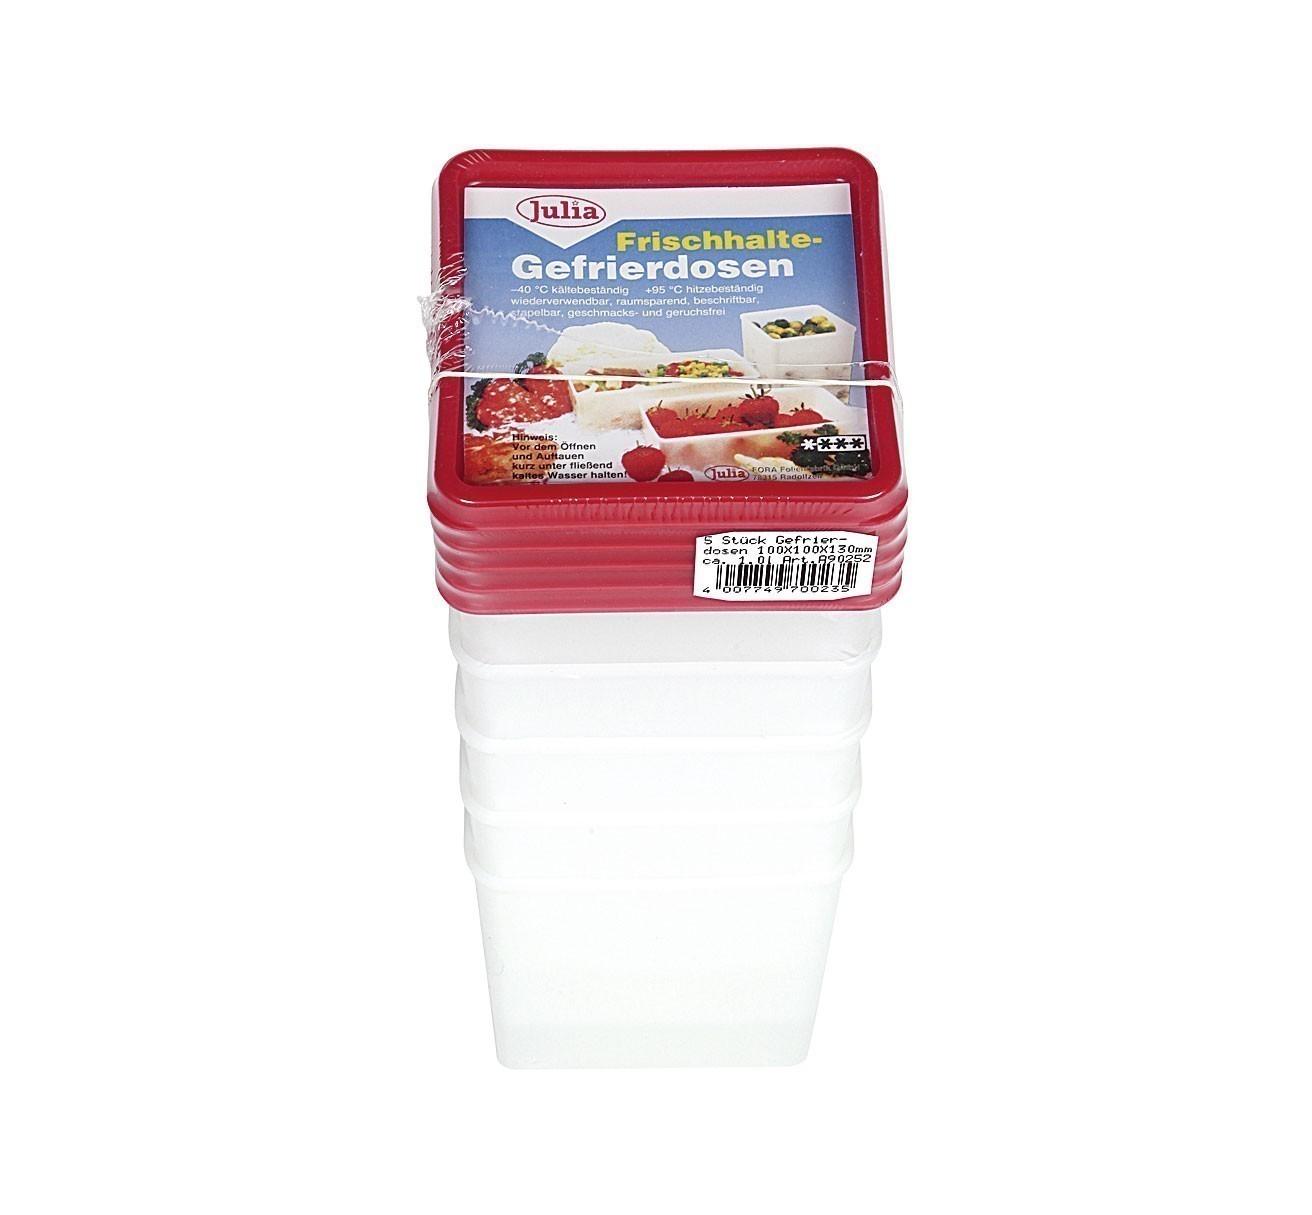 Frischhaltedosen / Gefrierdosen sia 1 L 5 Stück Bild 1